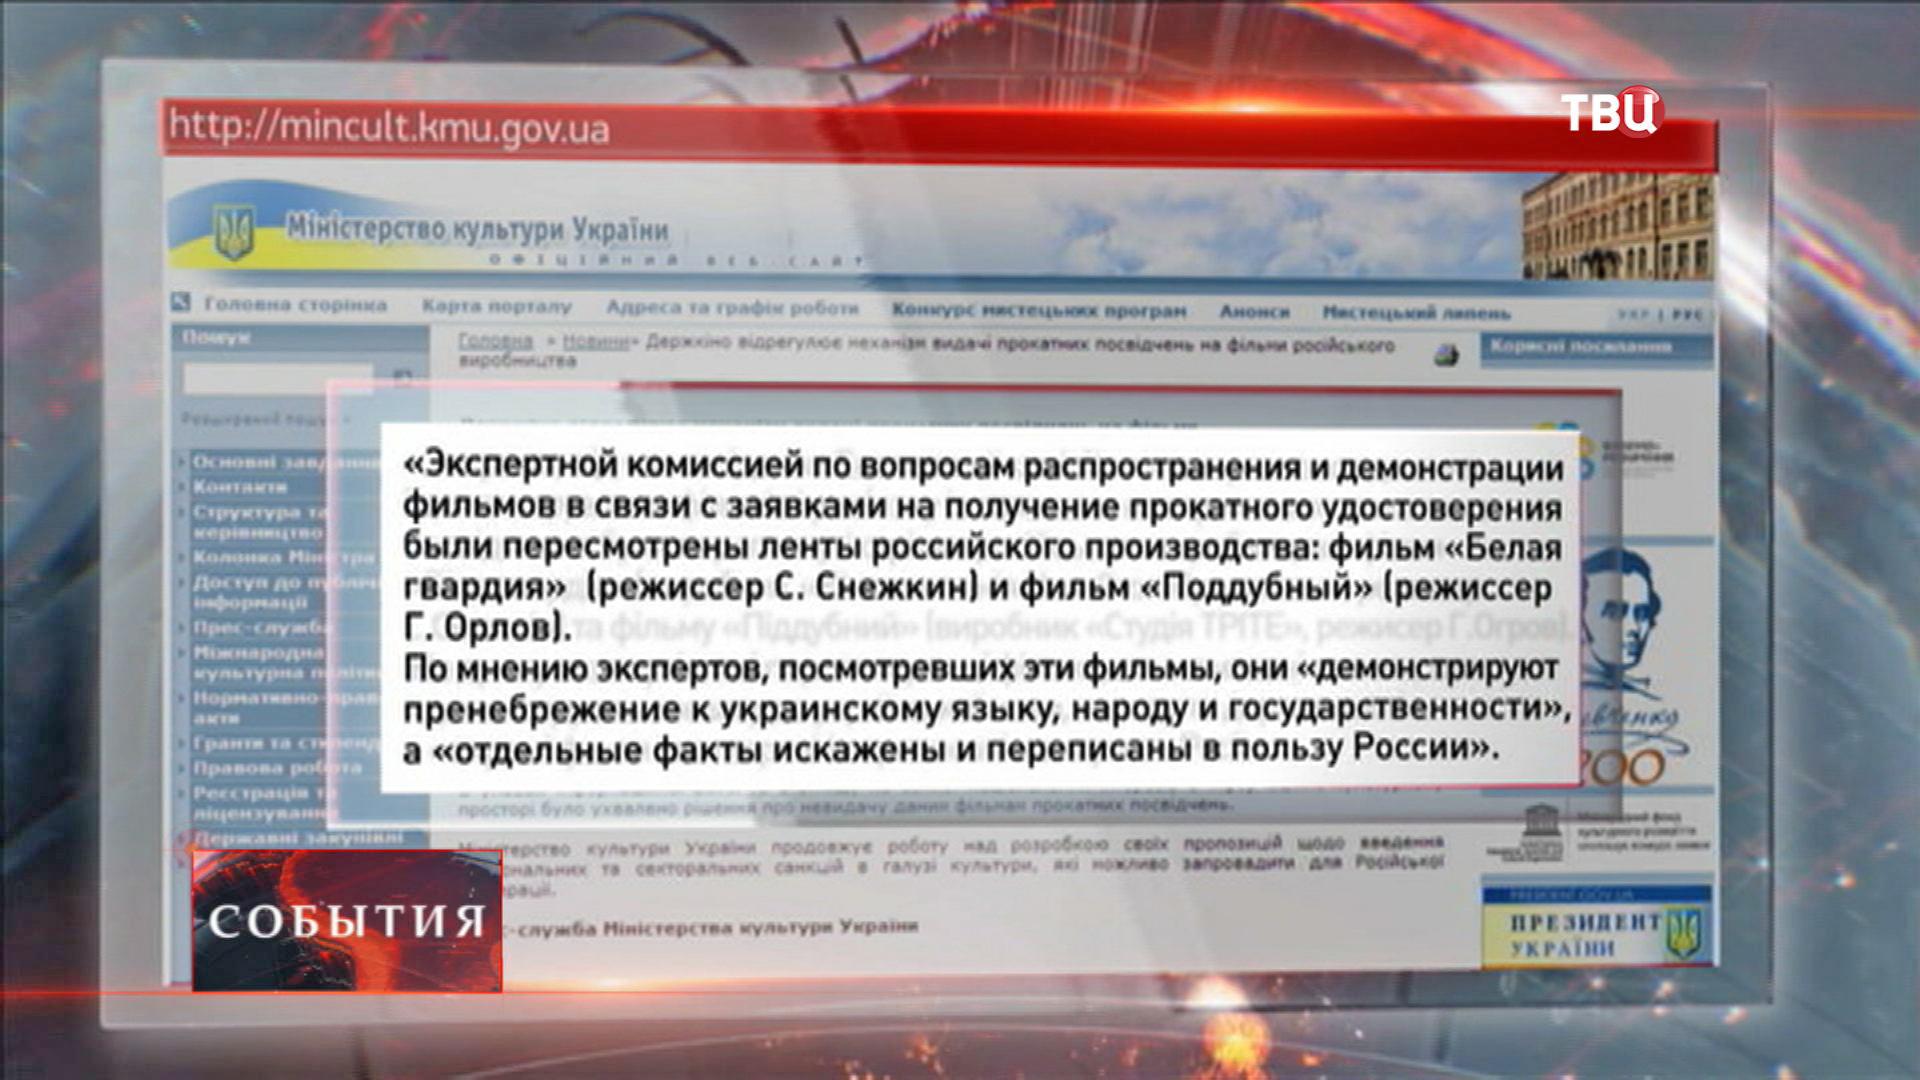 Сайт Министерства культуры Украины